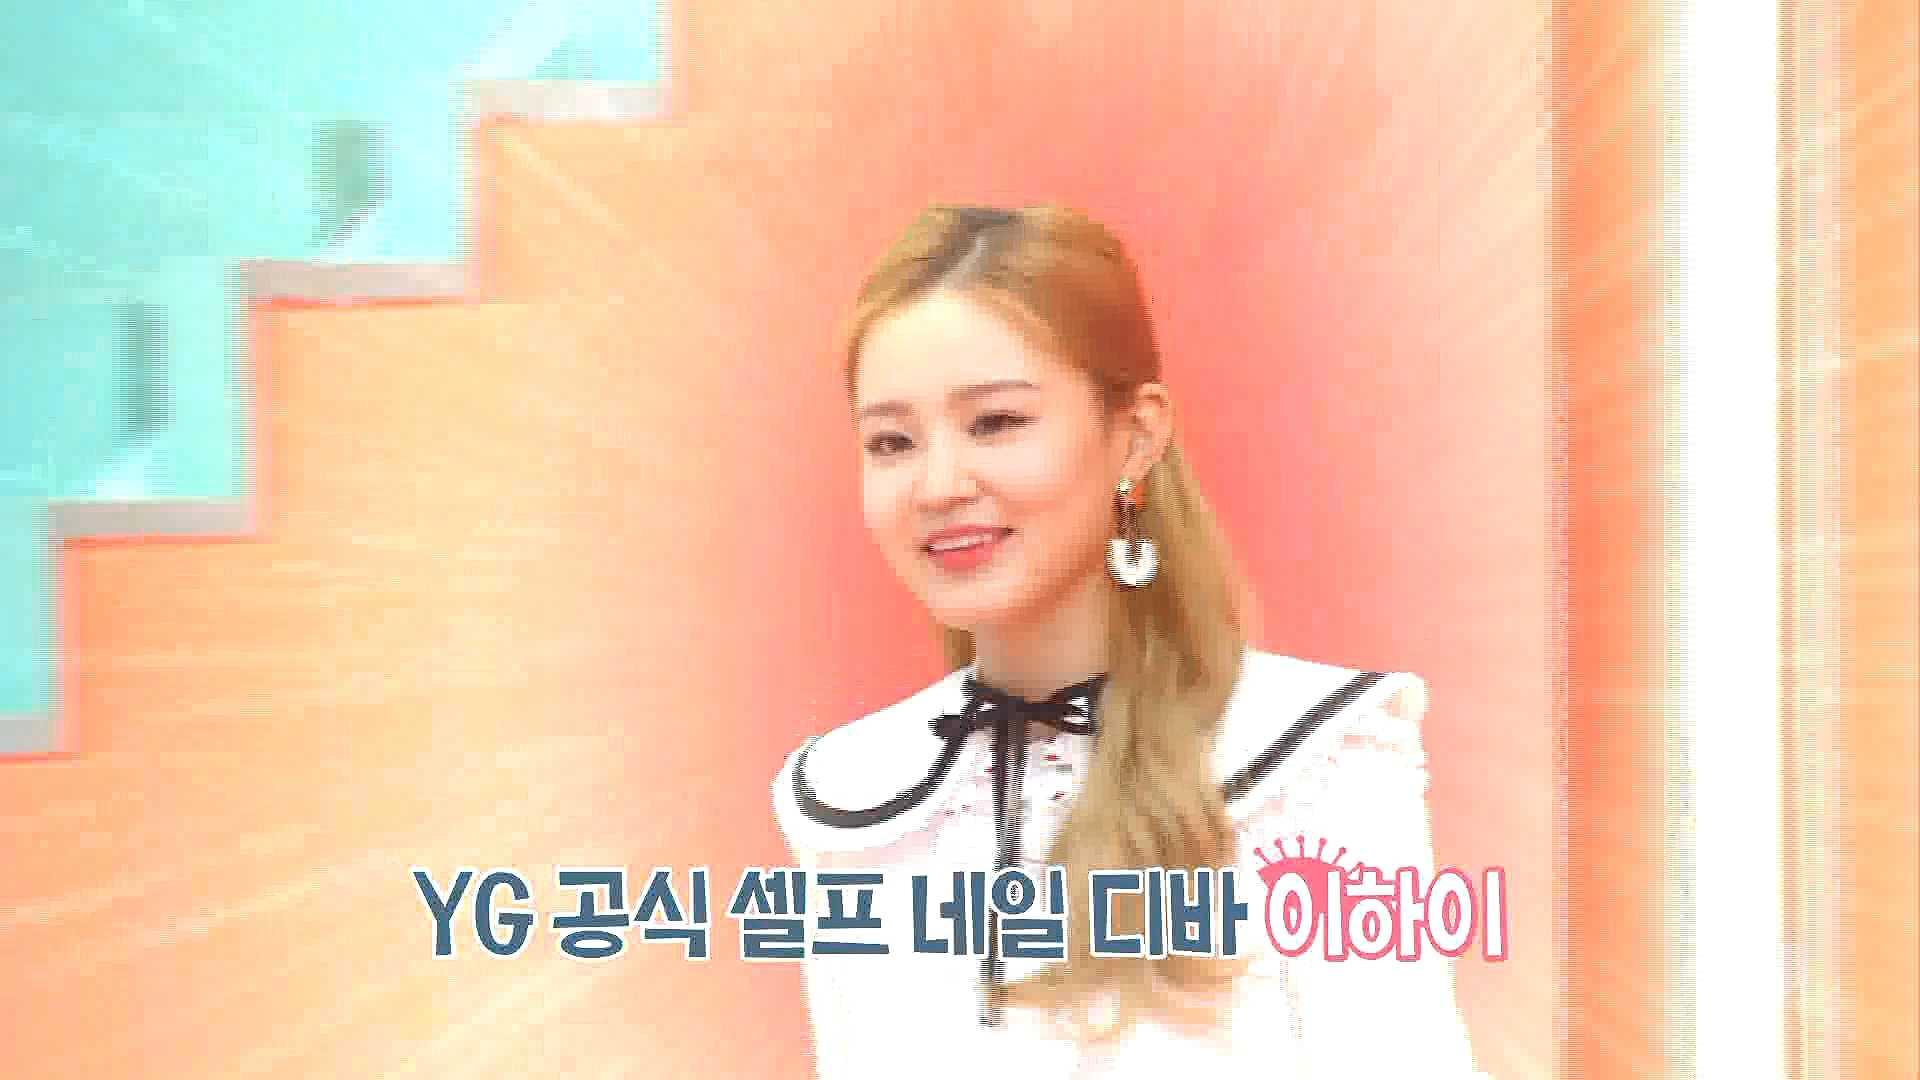 스페셜 MC는 YG 공식 셀프 네일 디바 이하이입니다!